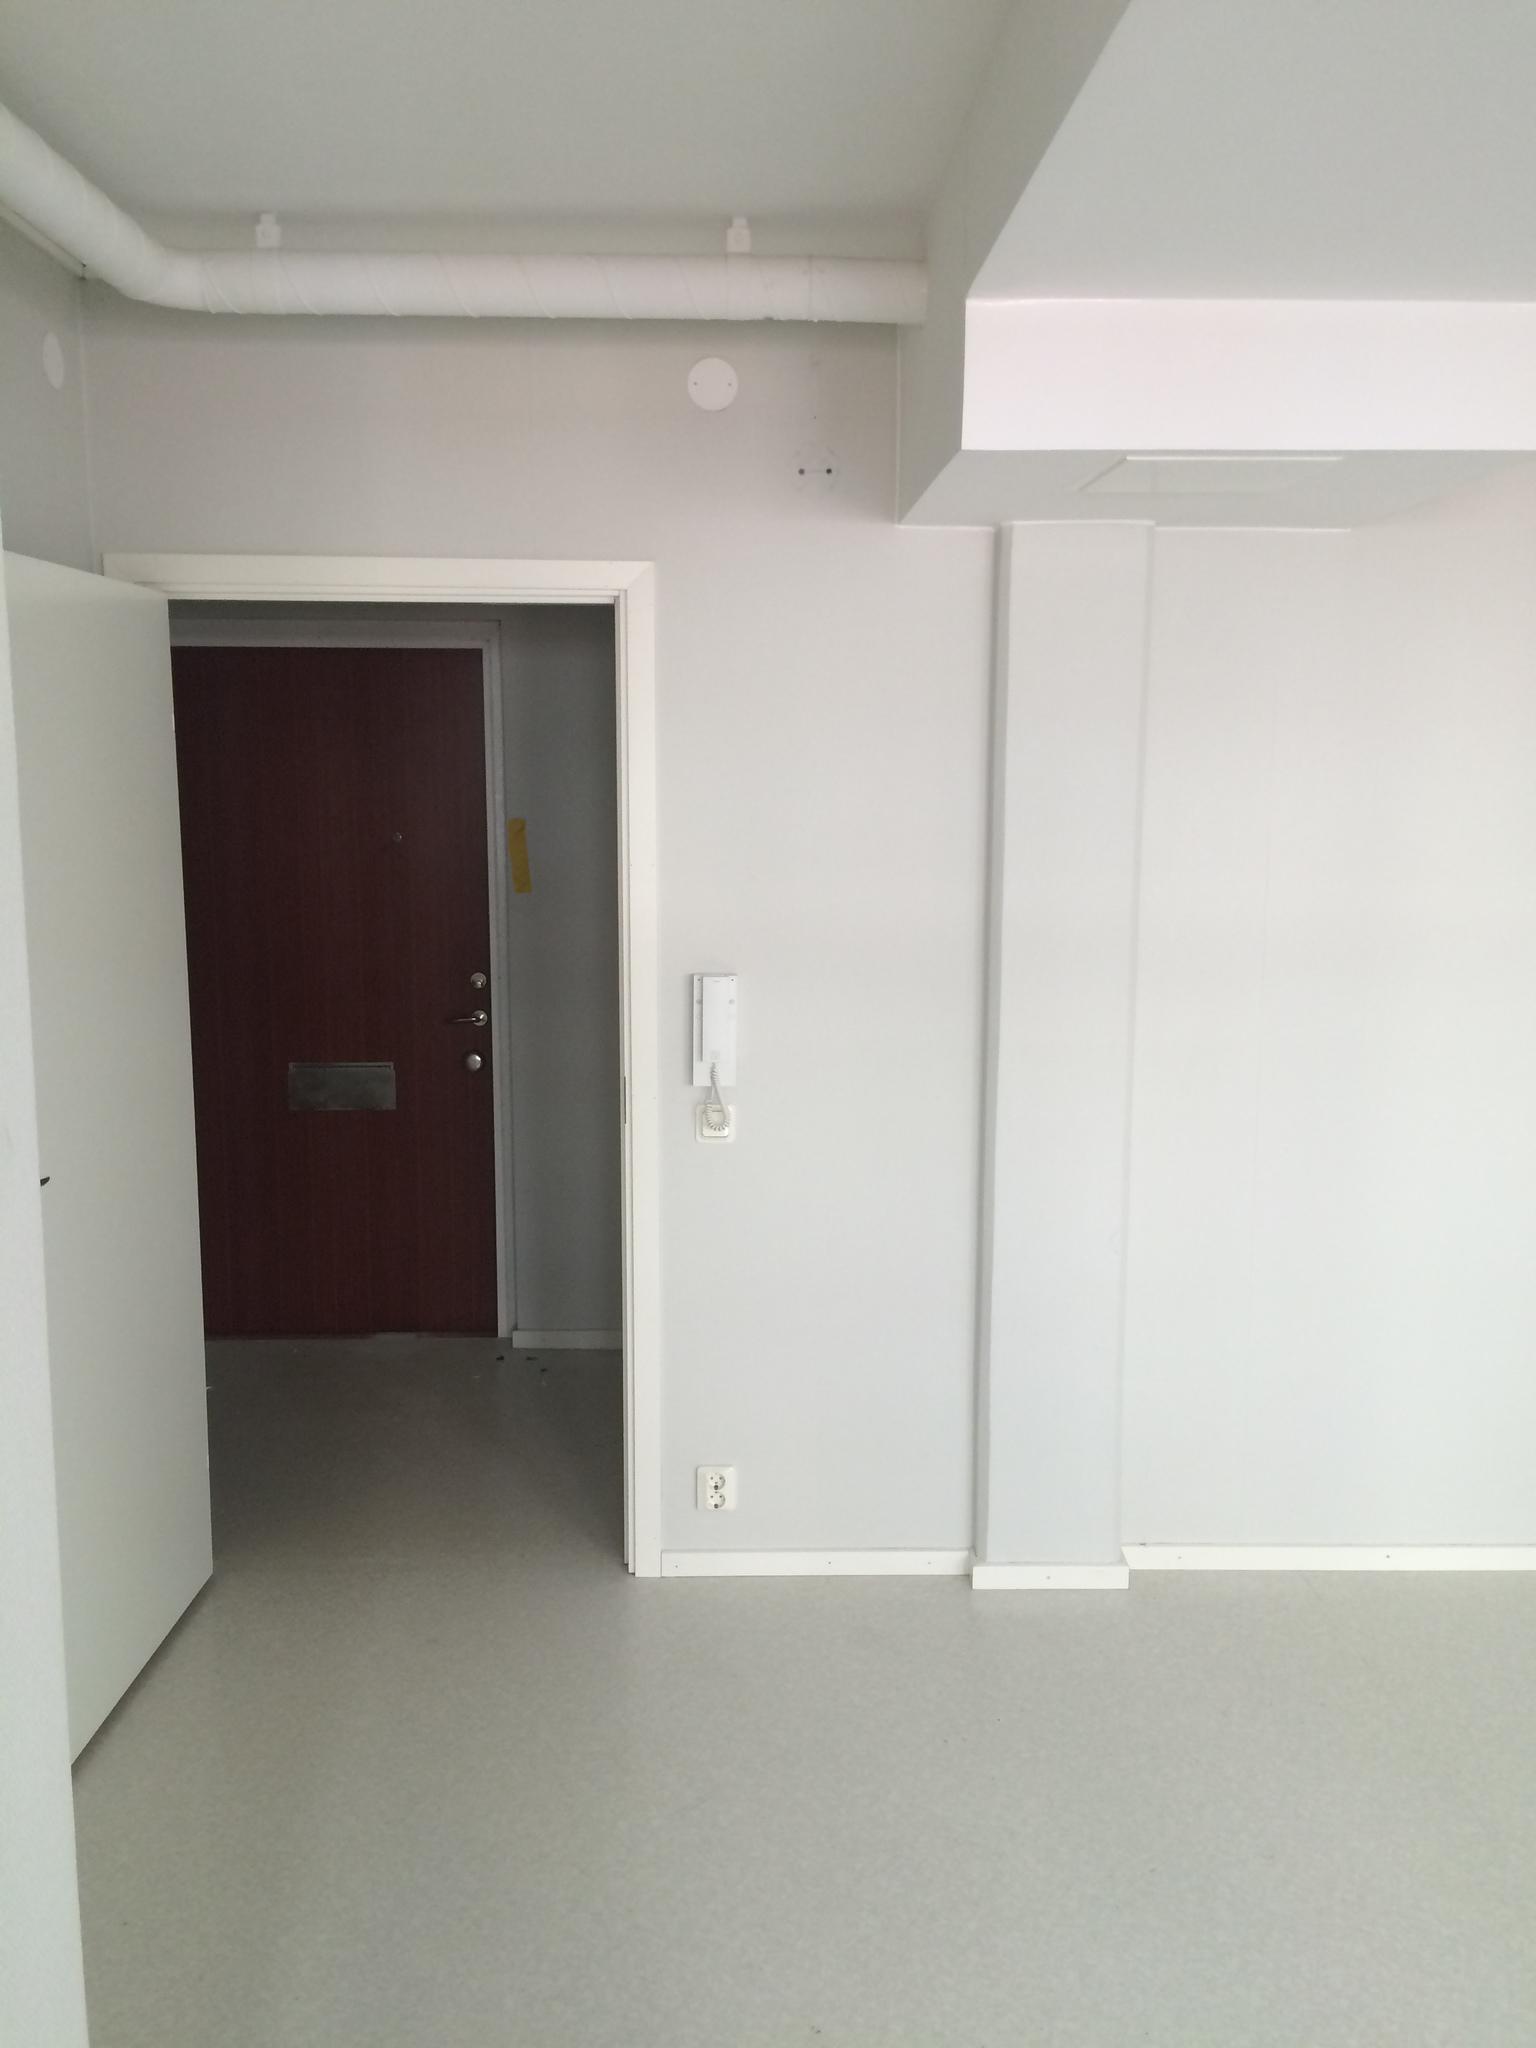 Renovering av badrum samt flytt av k?k i Malm?